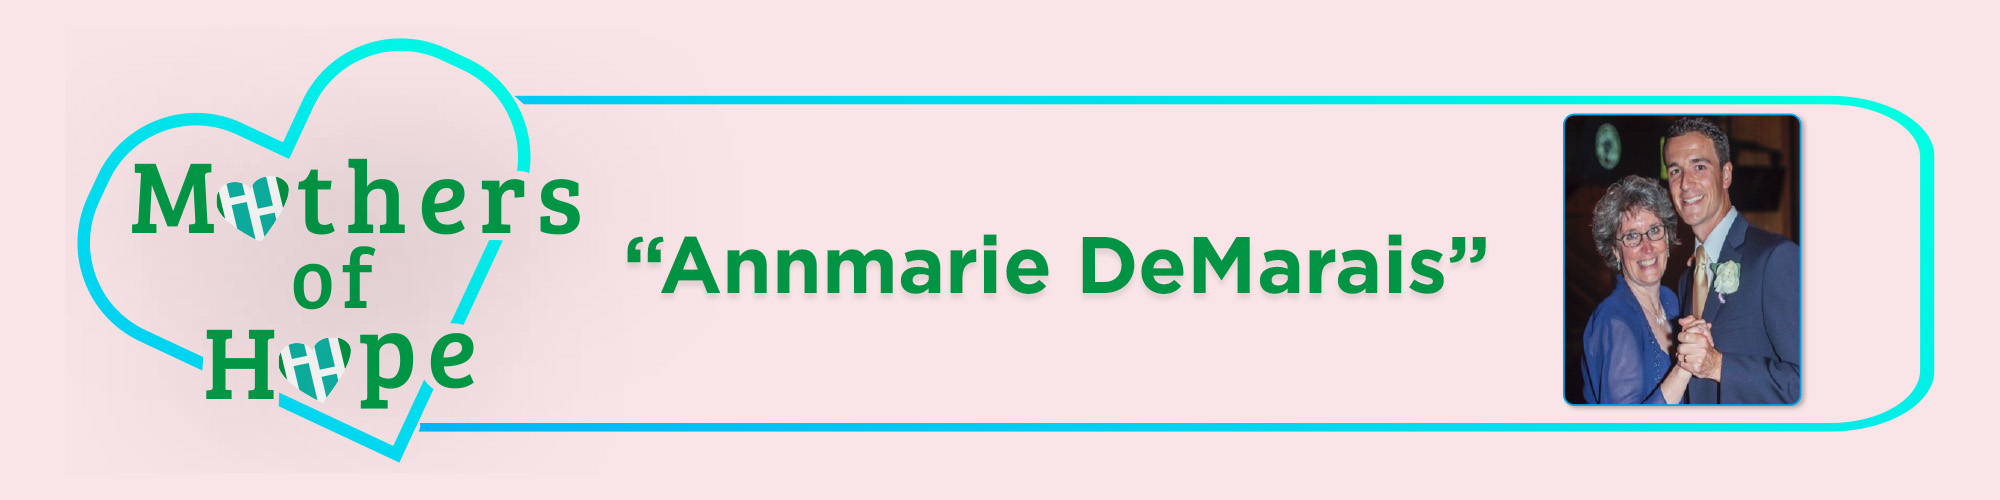 Annmarie-DeMarais-fixed